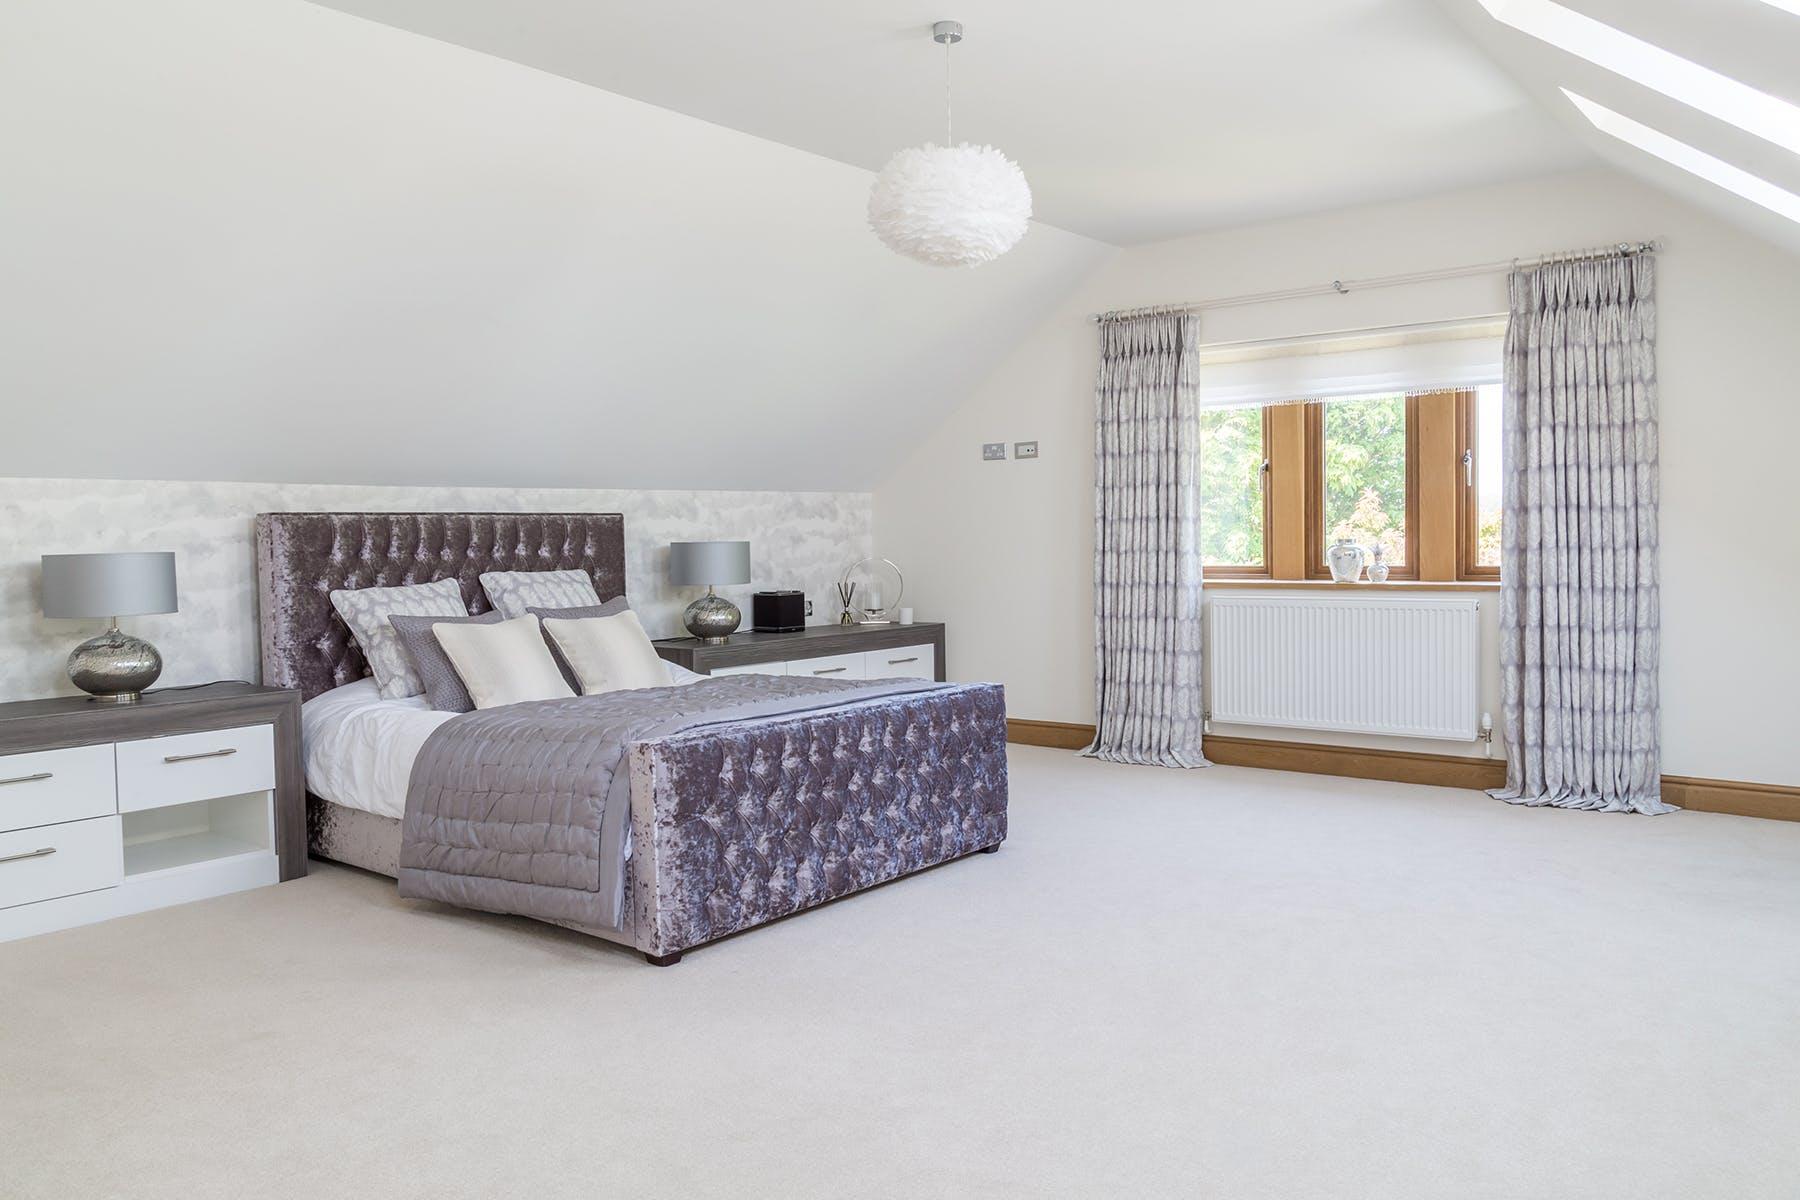 Bedrooms from Twenty 5 Design